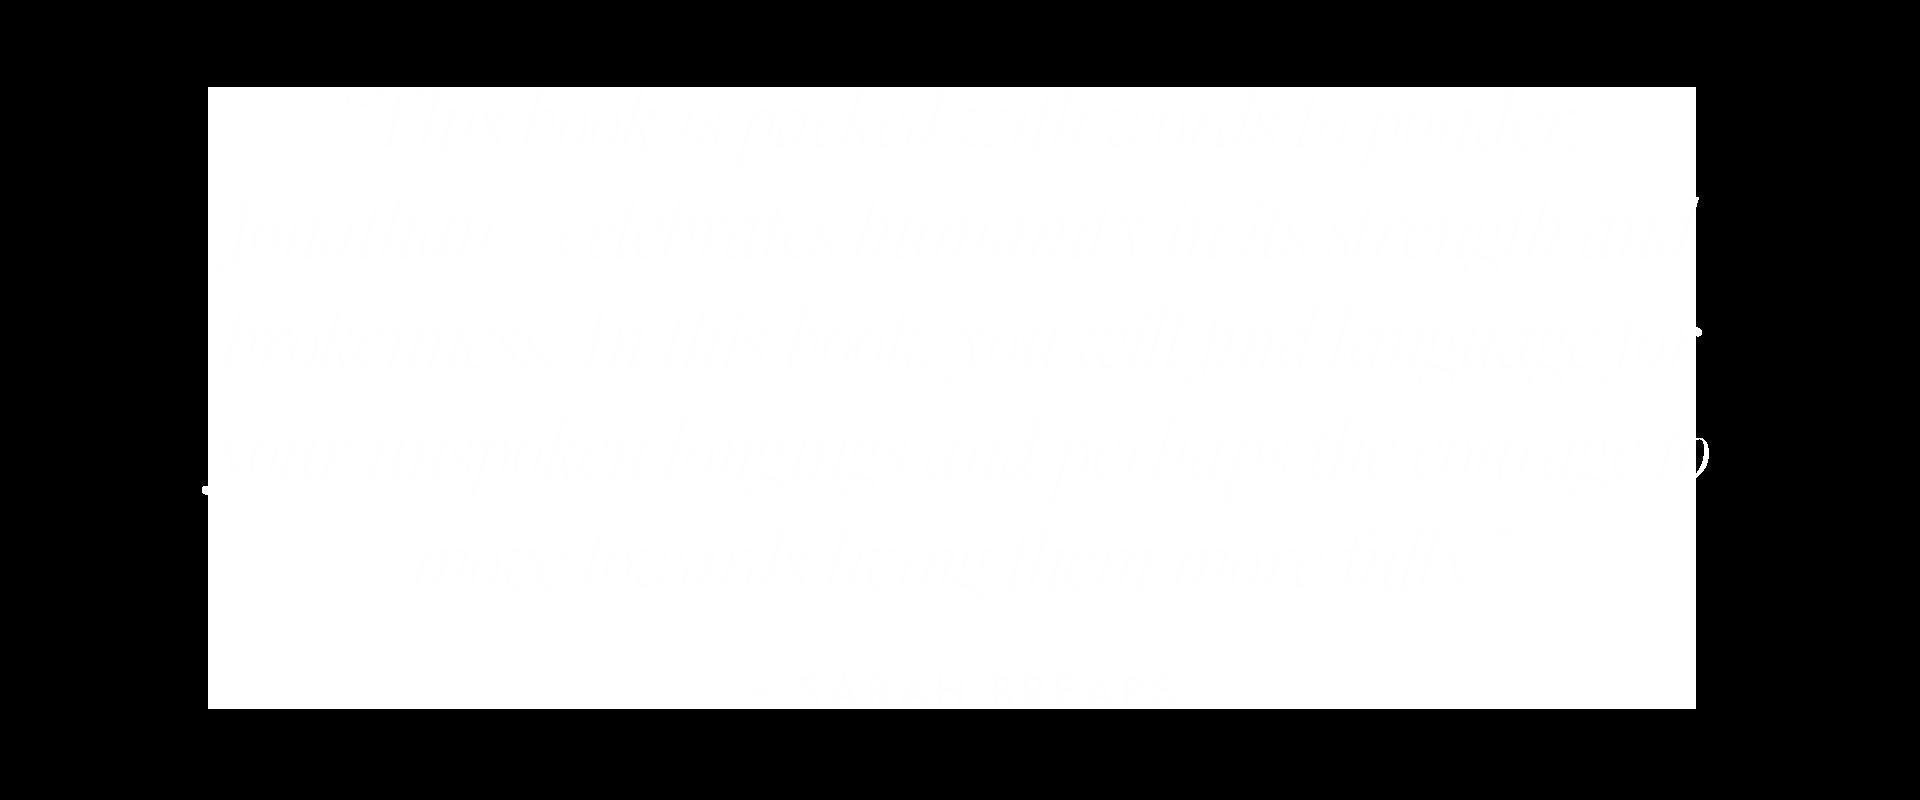 Sarah-Brears.png